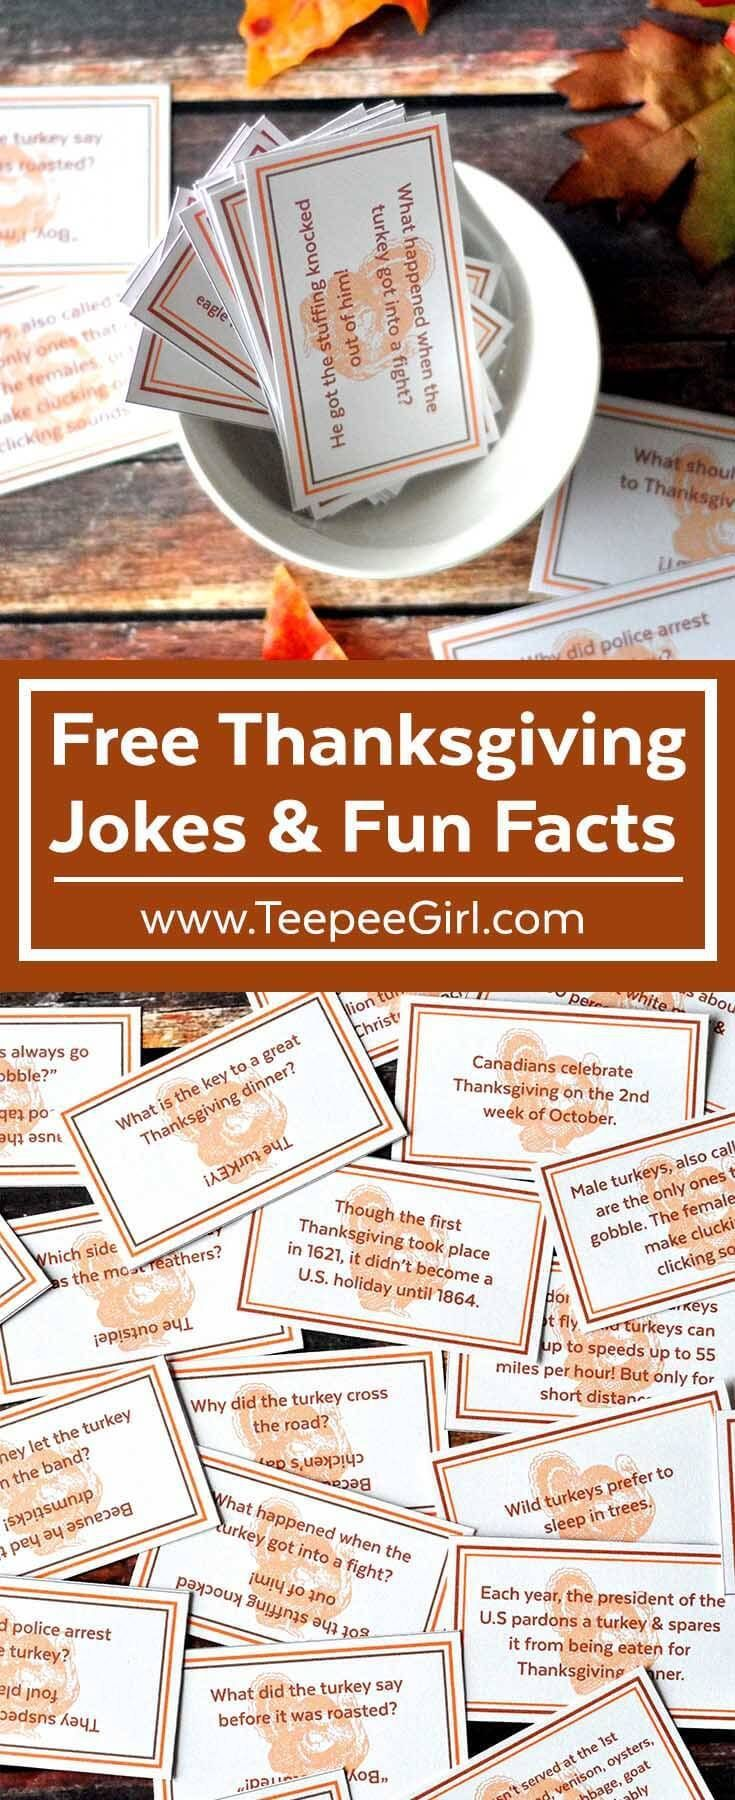 Free Thanksgiving Joke/Fun Fact Printable Cards